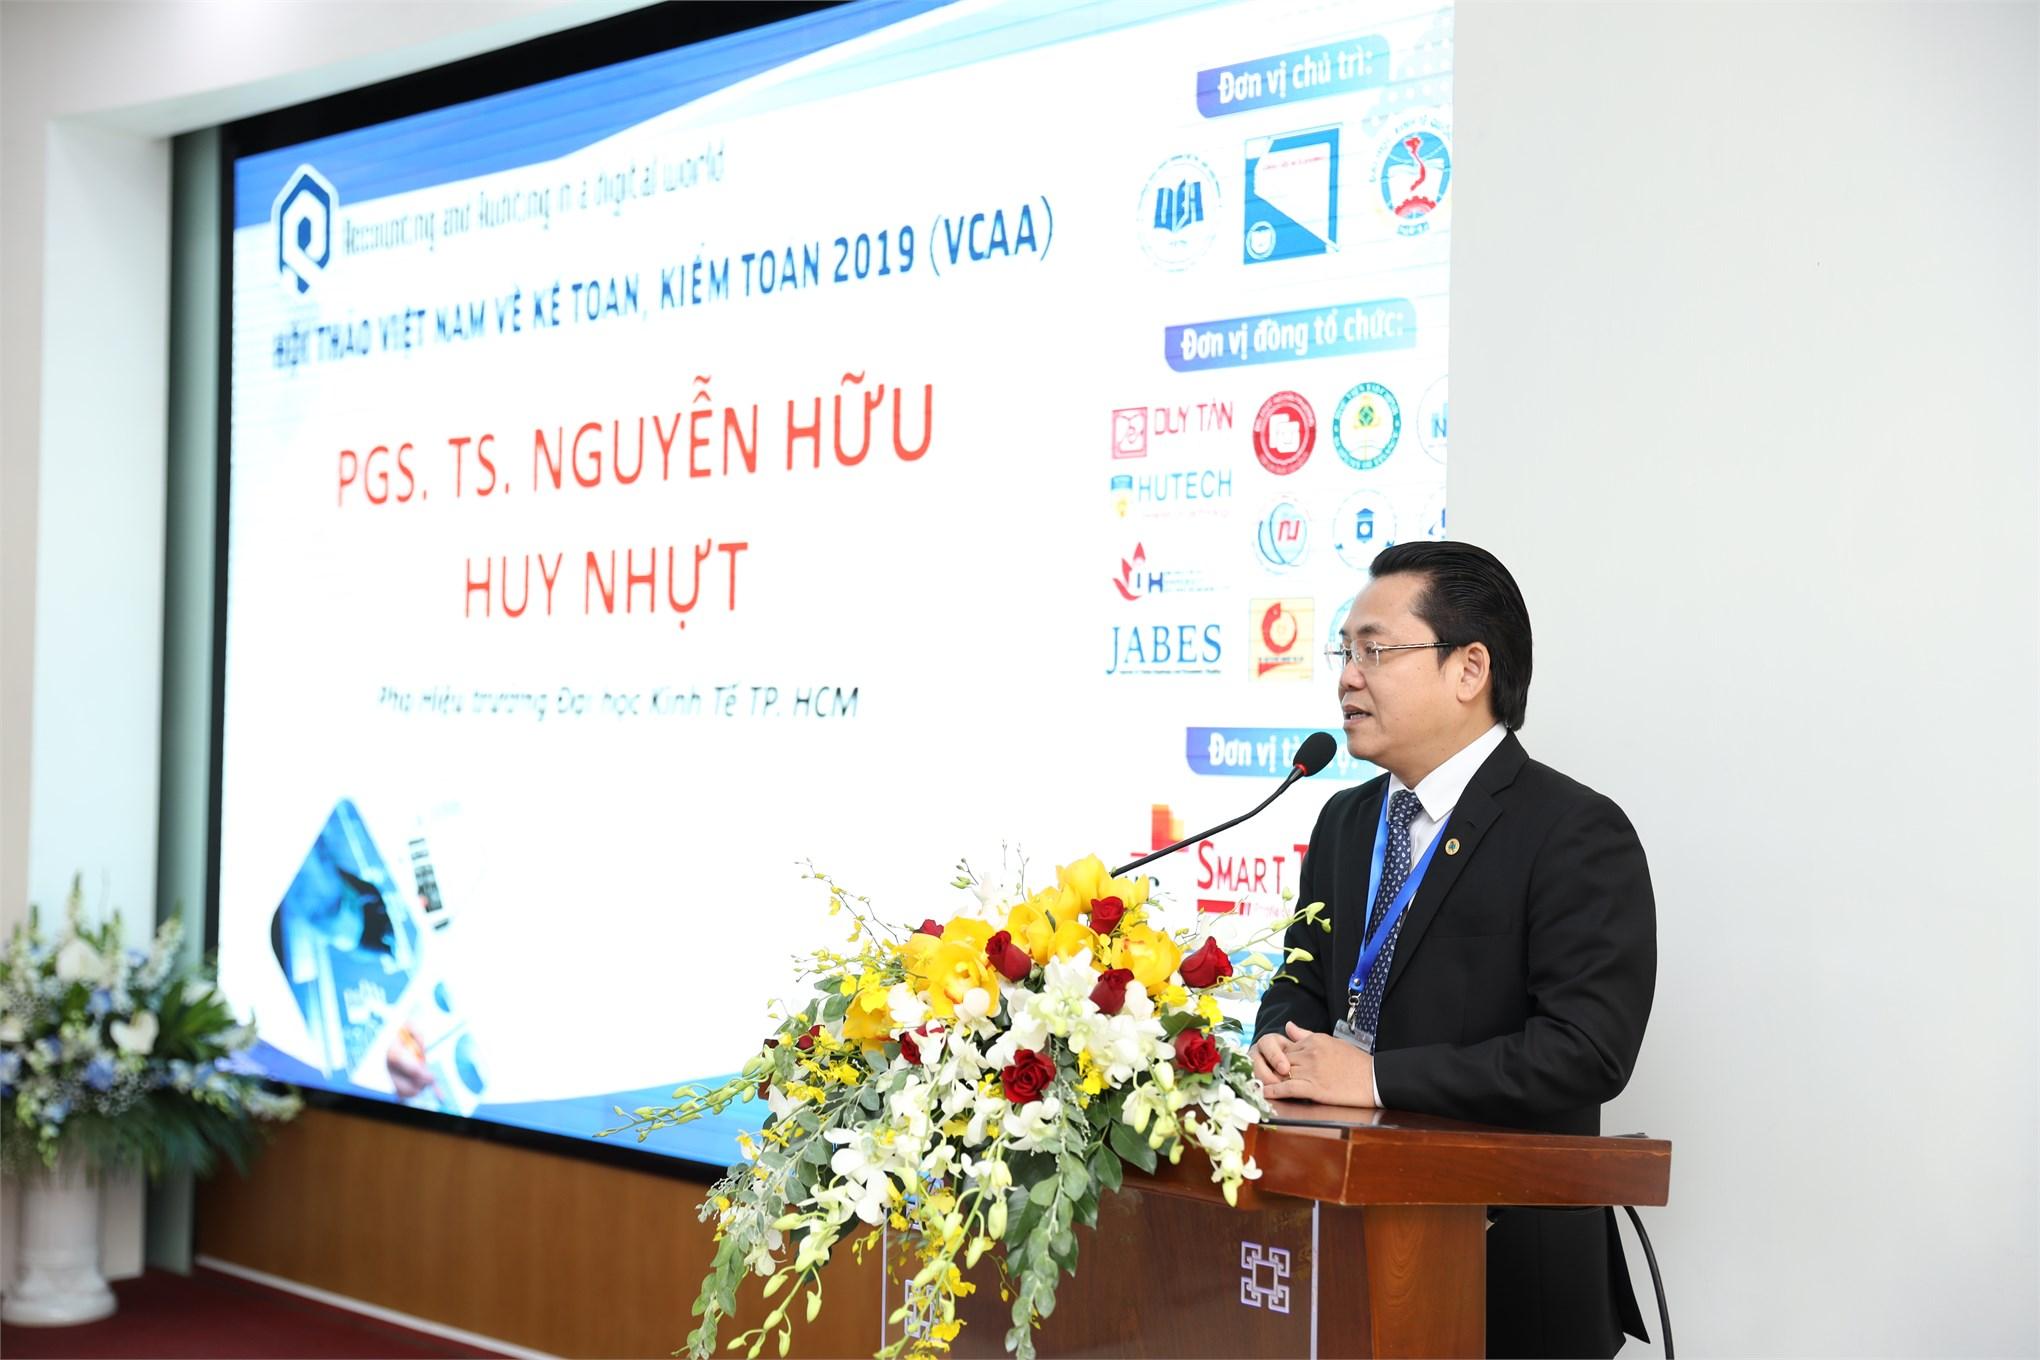 Hội thảo quốc gia về Kế toán, Kiểm toán lần thứ 1-VCAA tổ chức tại Thành phố Hồ Chí Minh